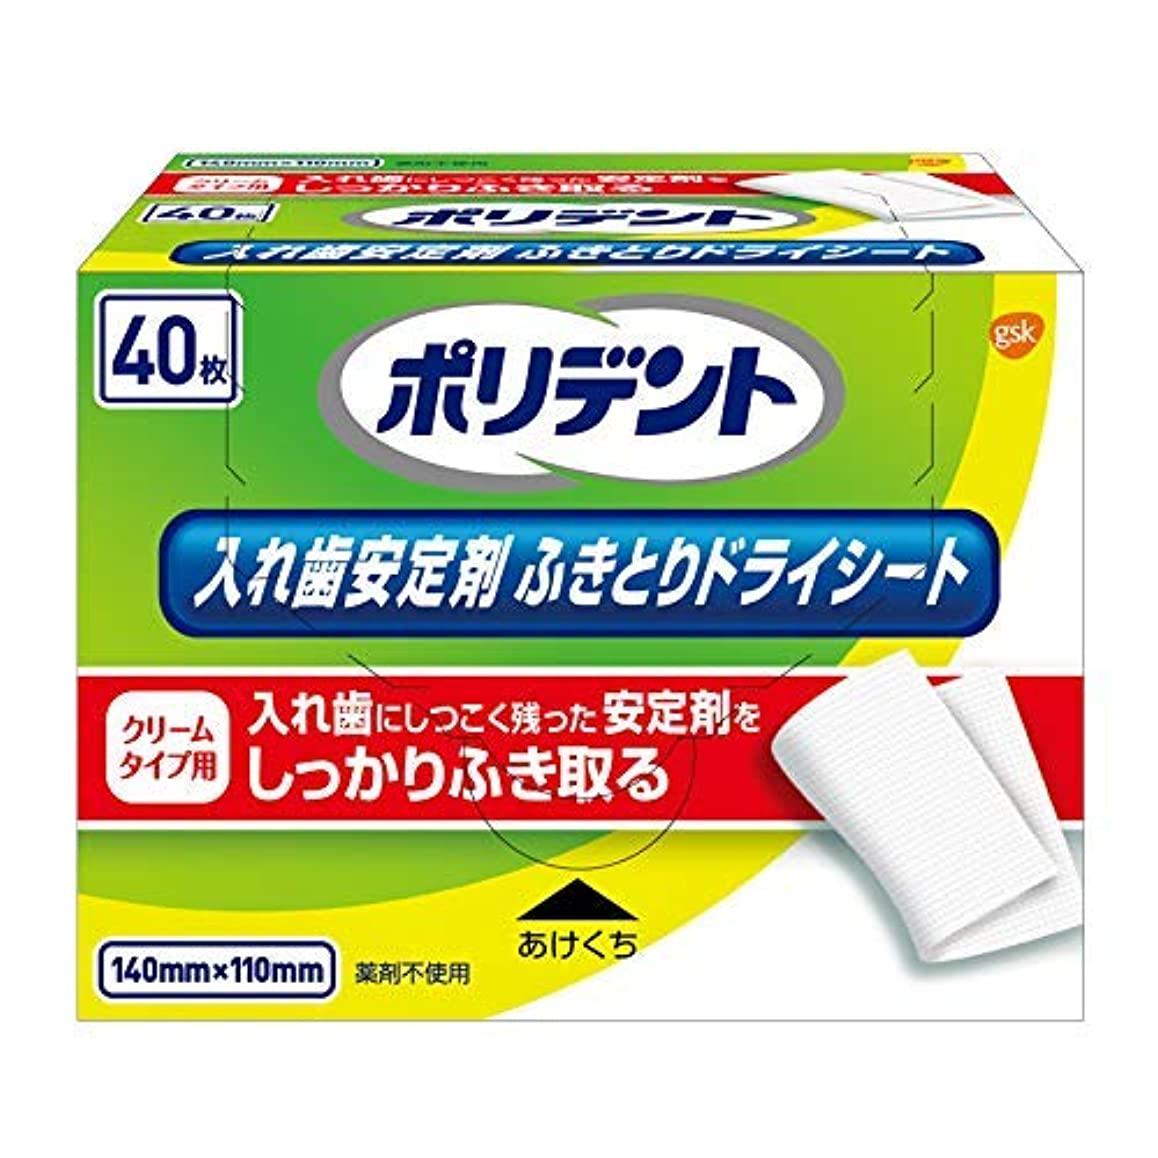 学校ログジョガーグラクソスミスクライン ポリデント 入れ歯安定剤 ふきとり ドライシート 40枚入 × 5個セット